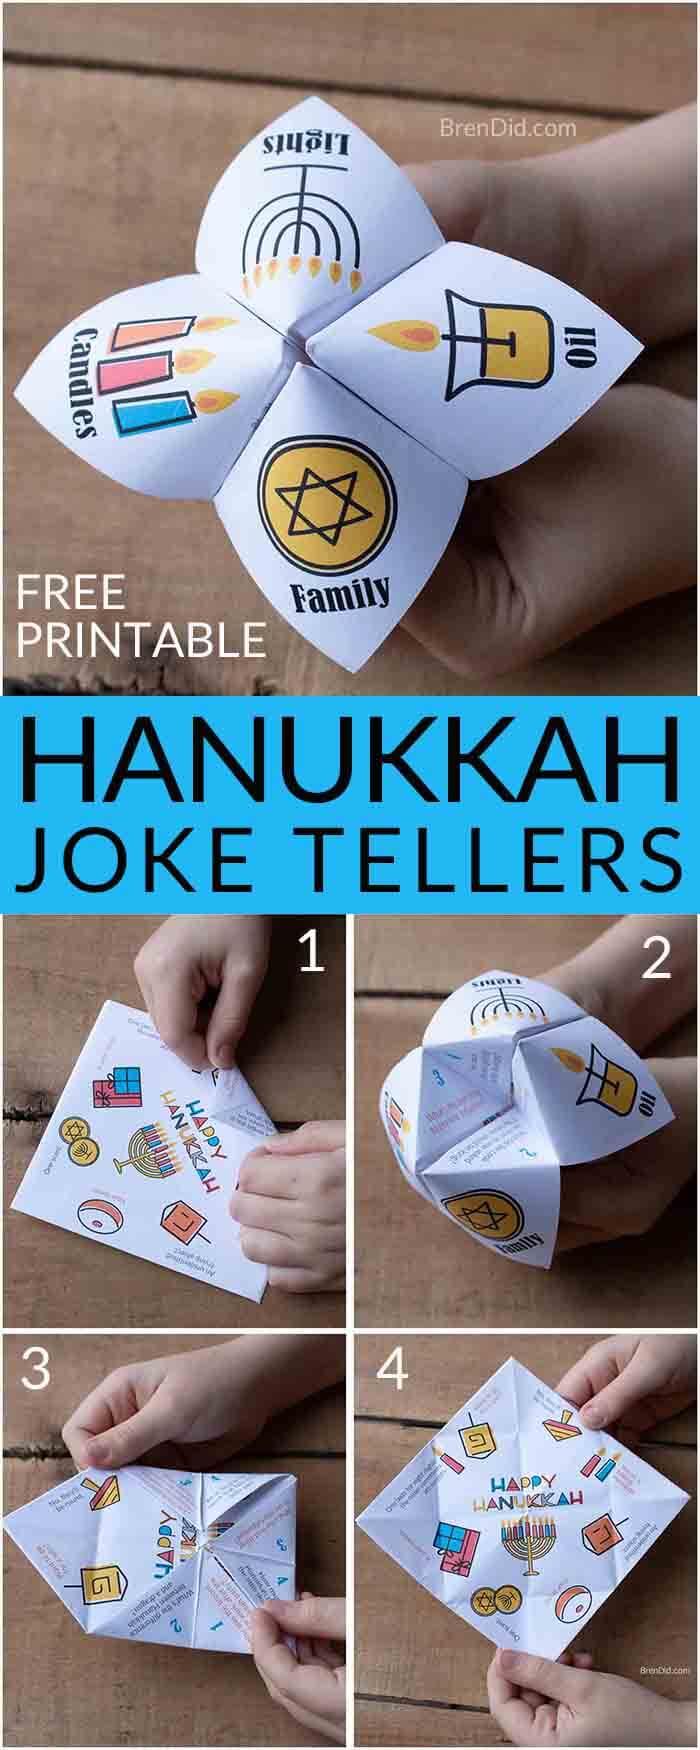 Free printable Hanukkah joke tellers for kids make simple Hanukkah gifts or easy Hanukkah crafts, Hanukkah for kids, Hanukkah crafts for kids, Hanukkah jokes #hanukkahgifts #hanukkahcrafts #Hanukkah #Brendid